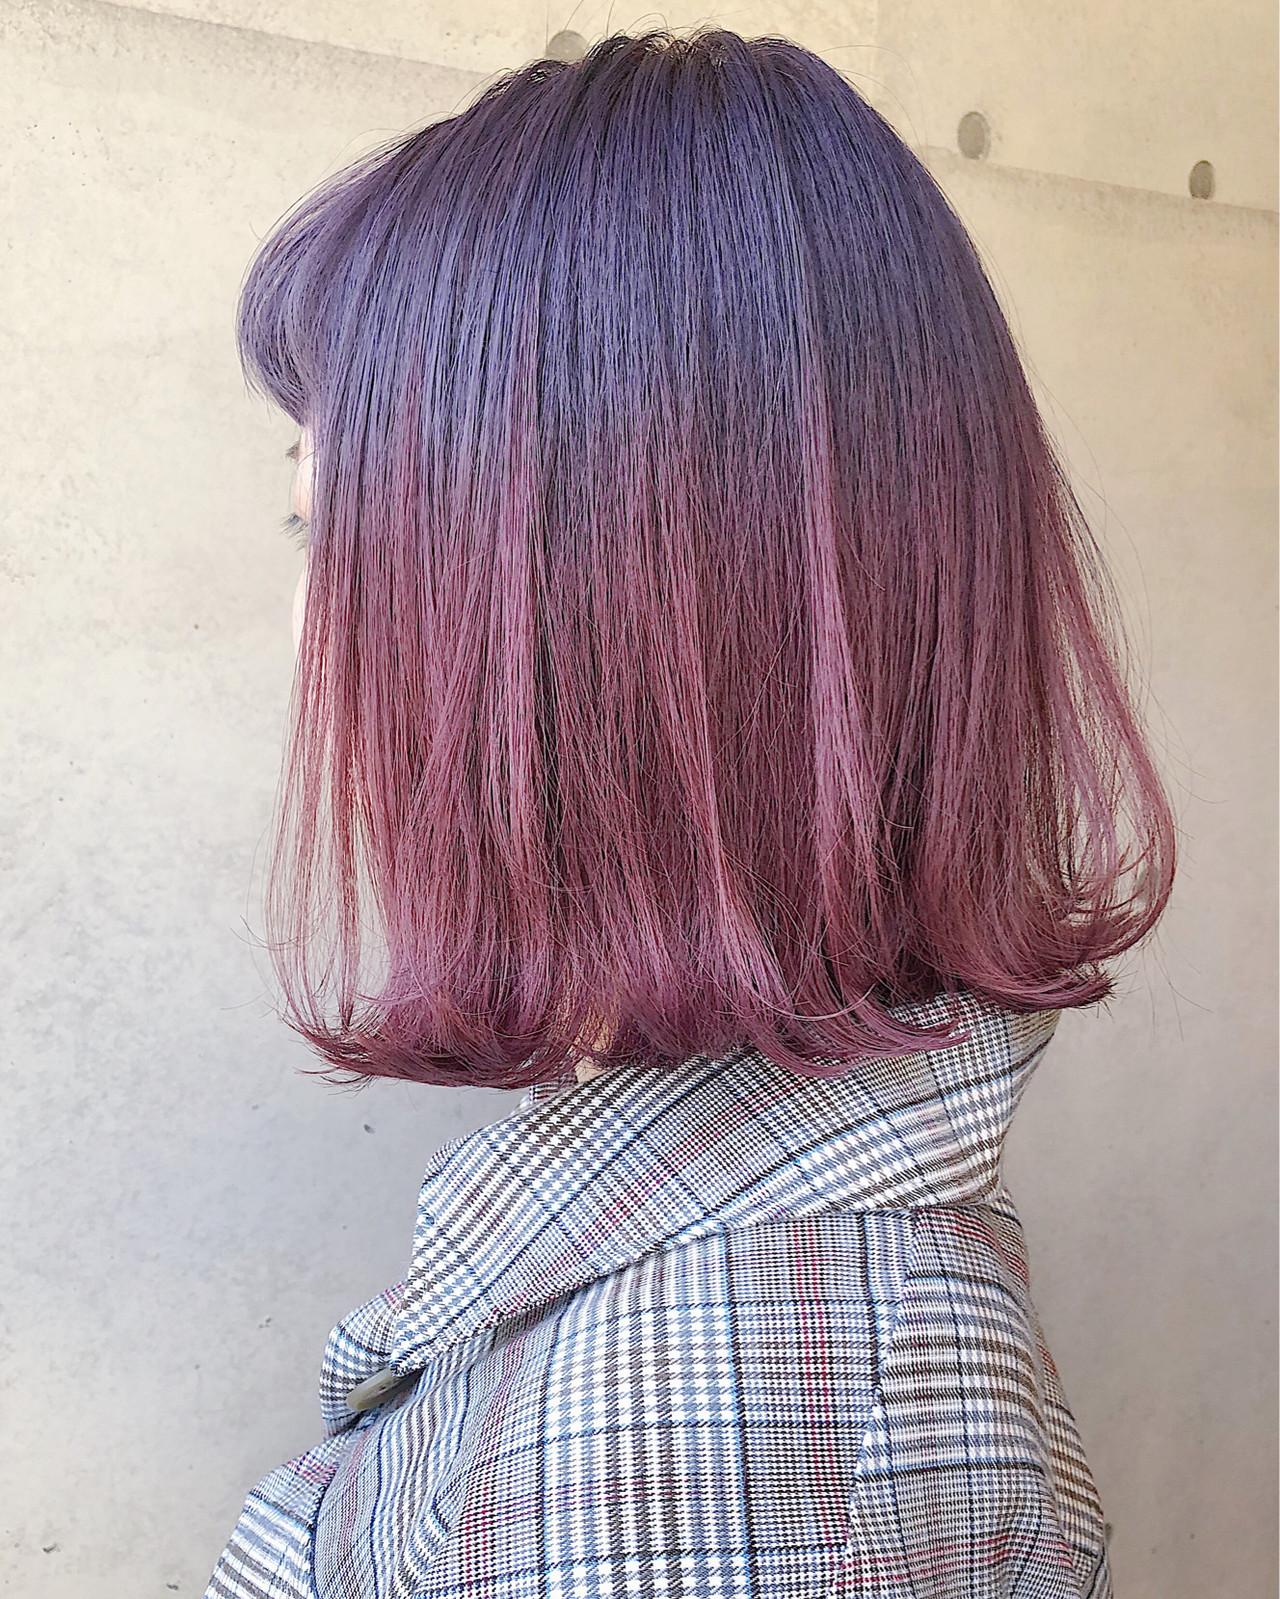 ピンクラベンダー ストリート ラベンダーカラー ピンクカラーヘアスタイルや髪型の写真・画像